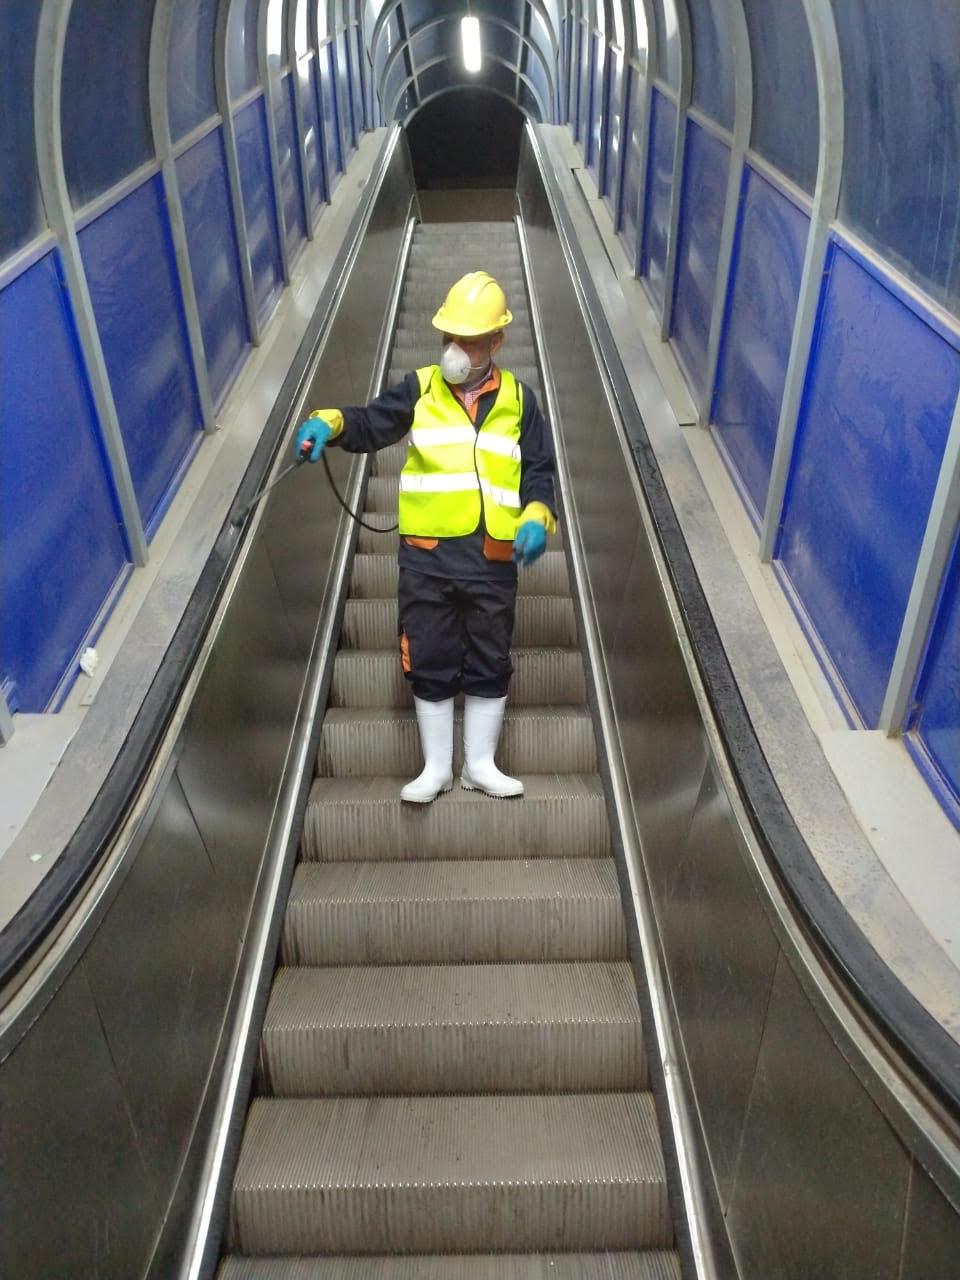 المترو يواصل أعمال تعقيم وتطهير القطارات والمحطات ضد كورونا (26)